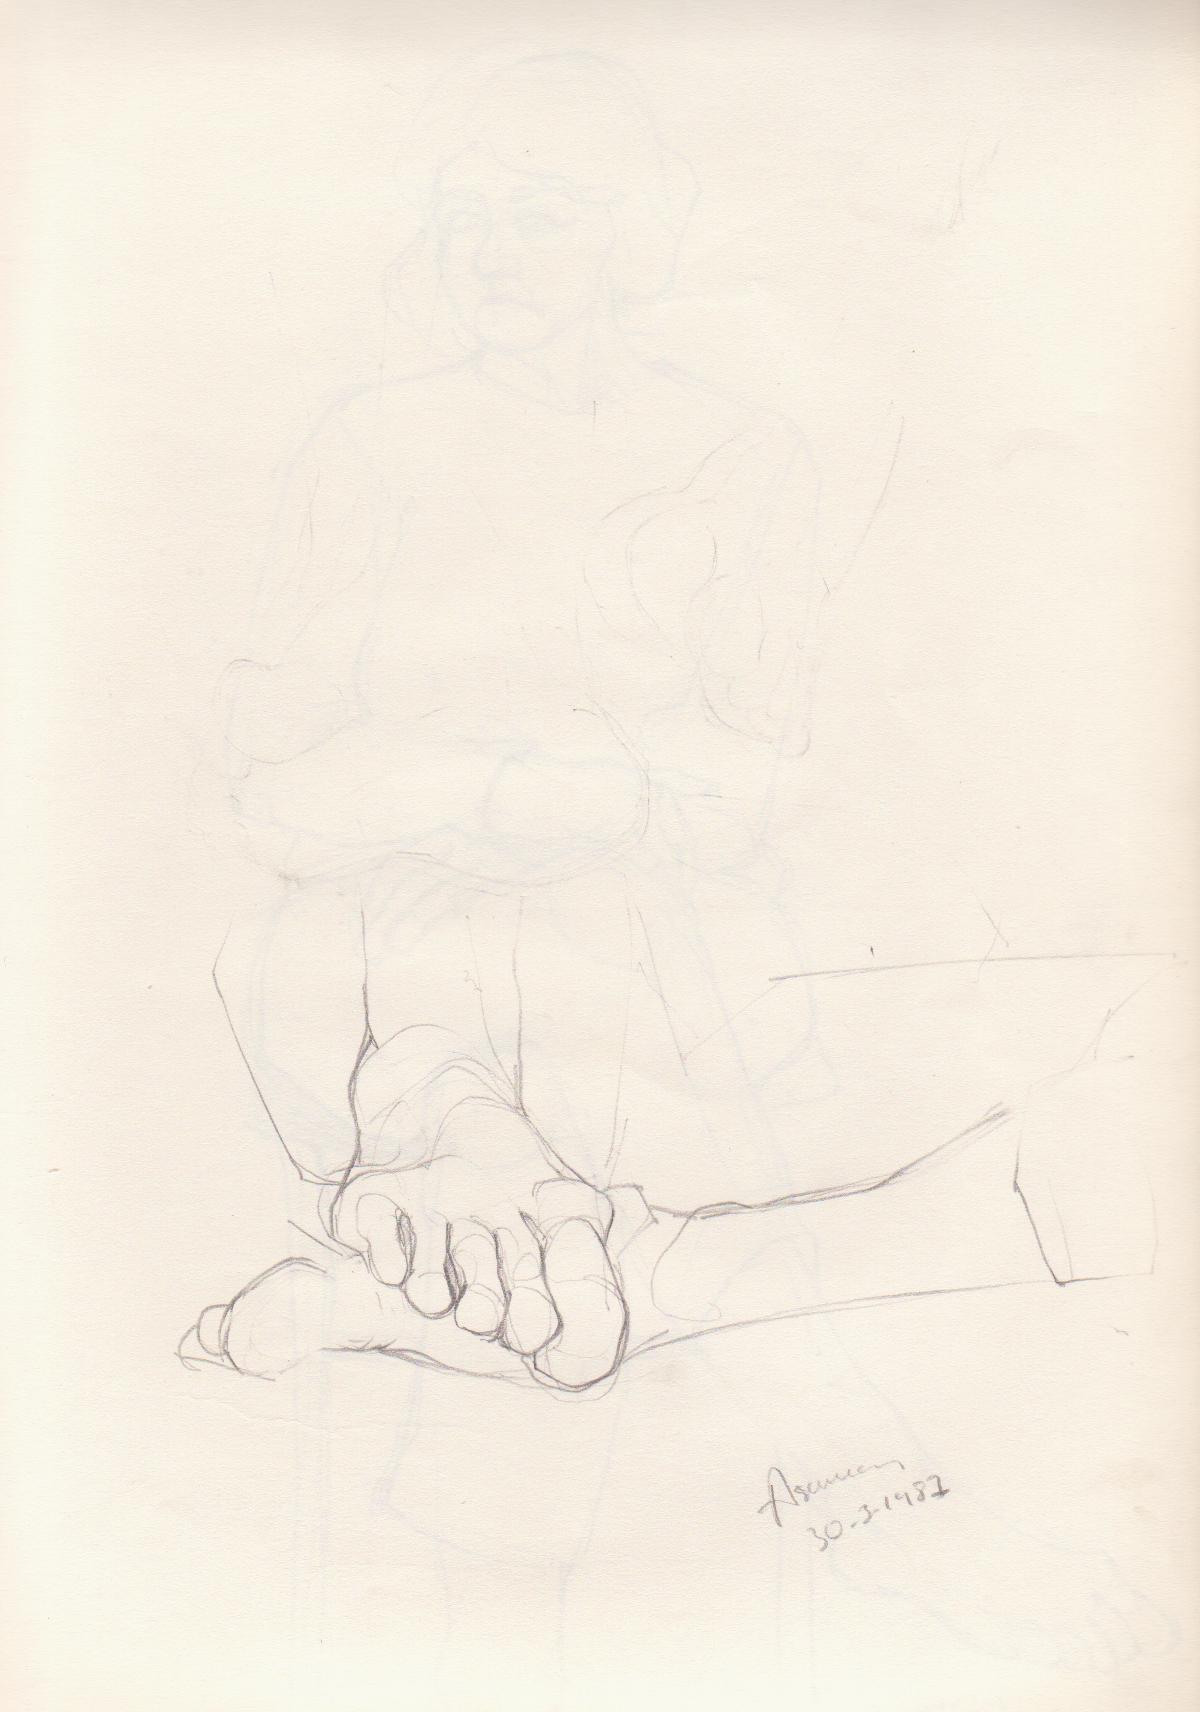 ASUMAN desenleri 002